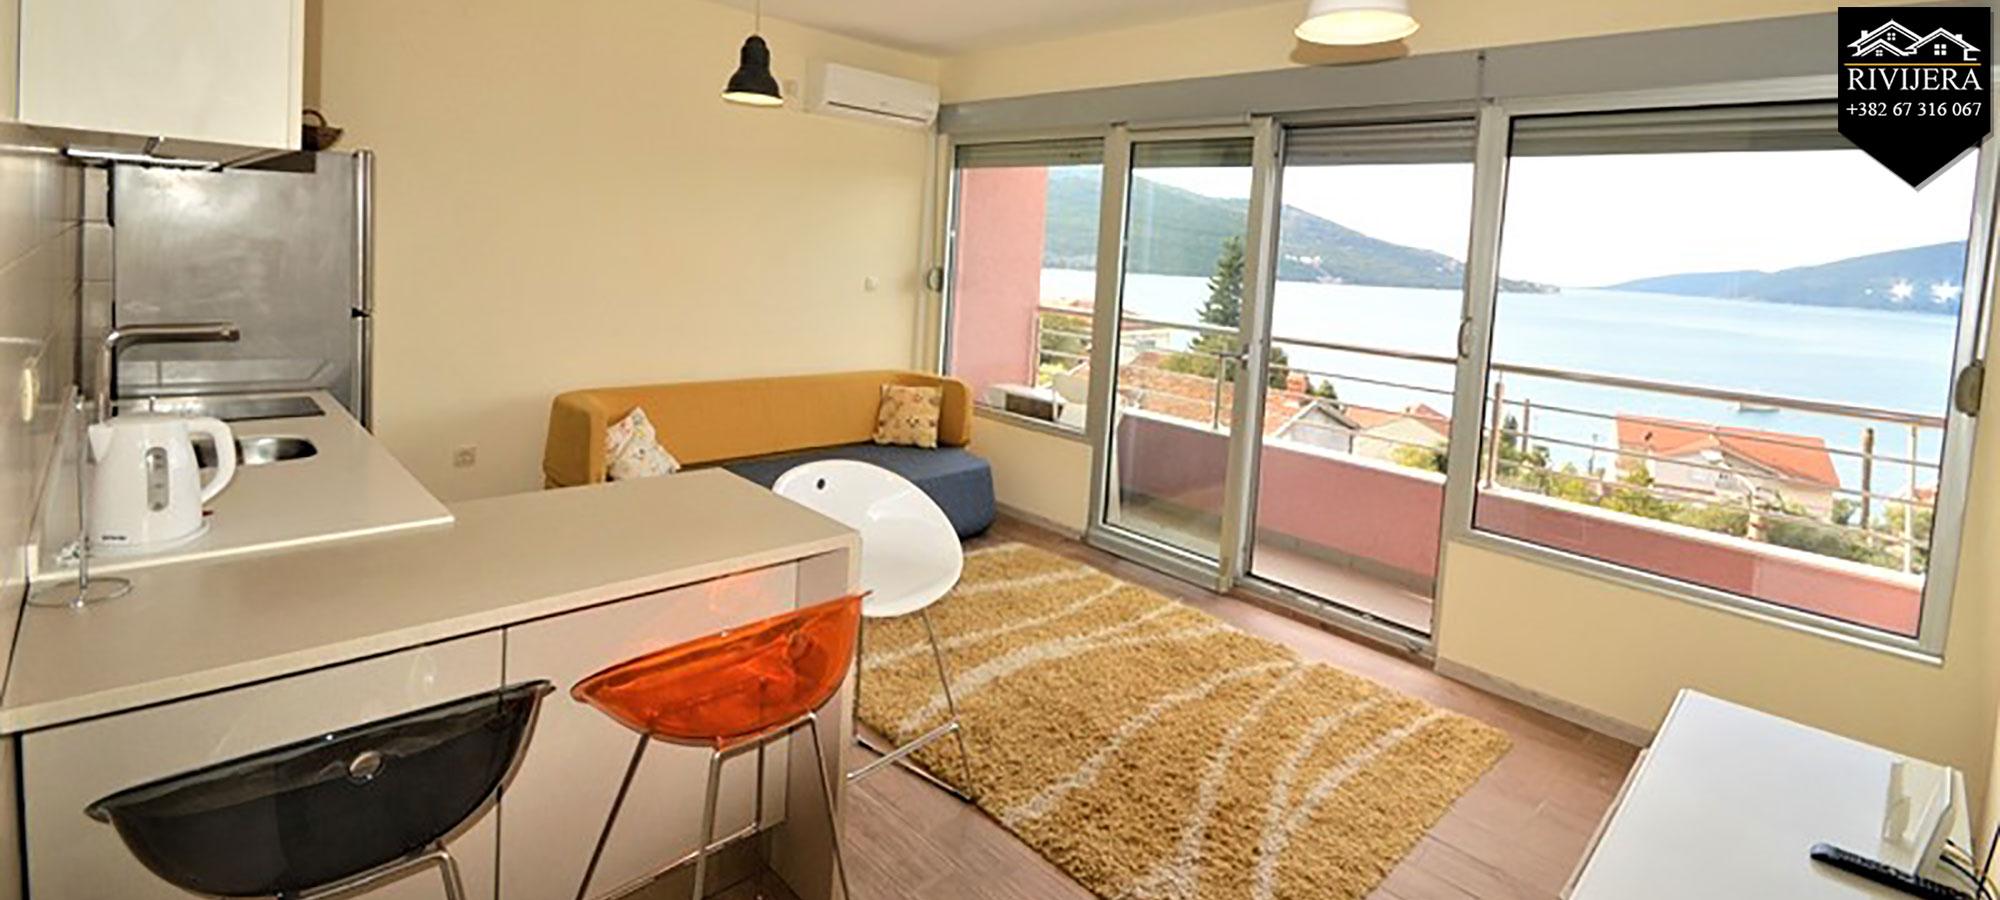 Luksuzno opremljen stan sa panoramskim pogledom na more Kumbor